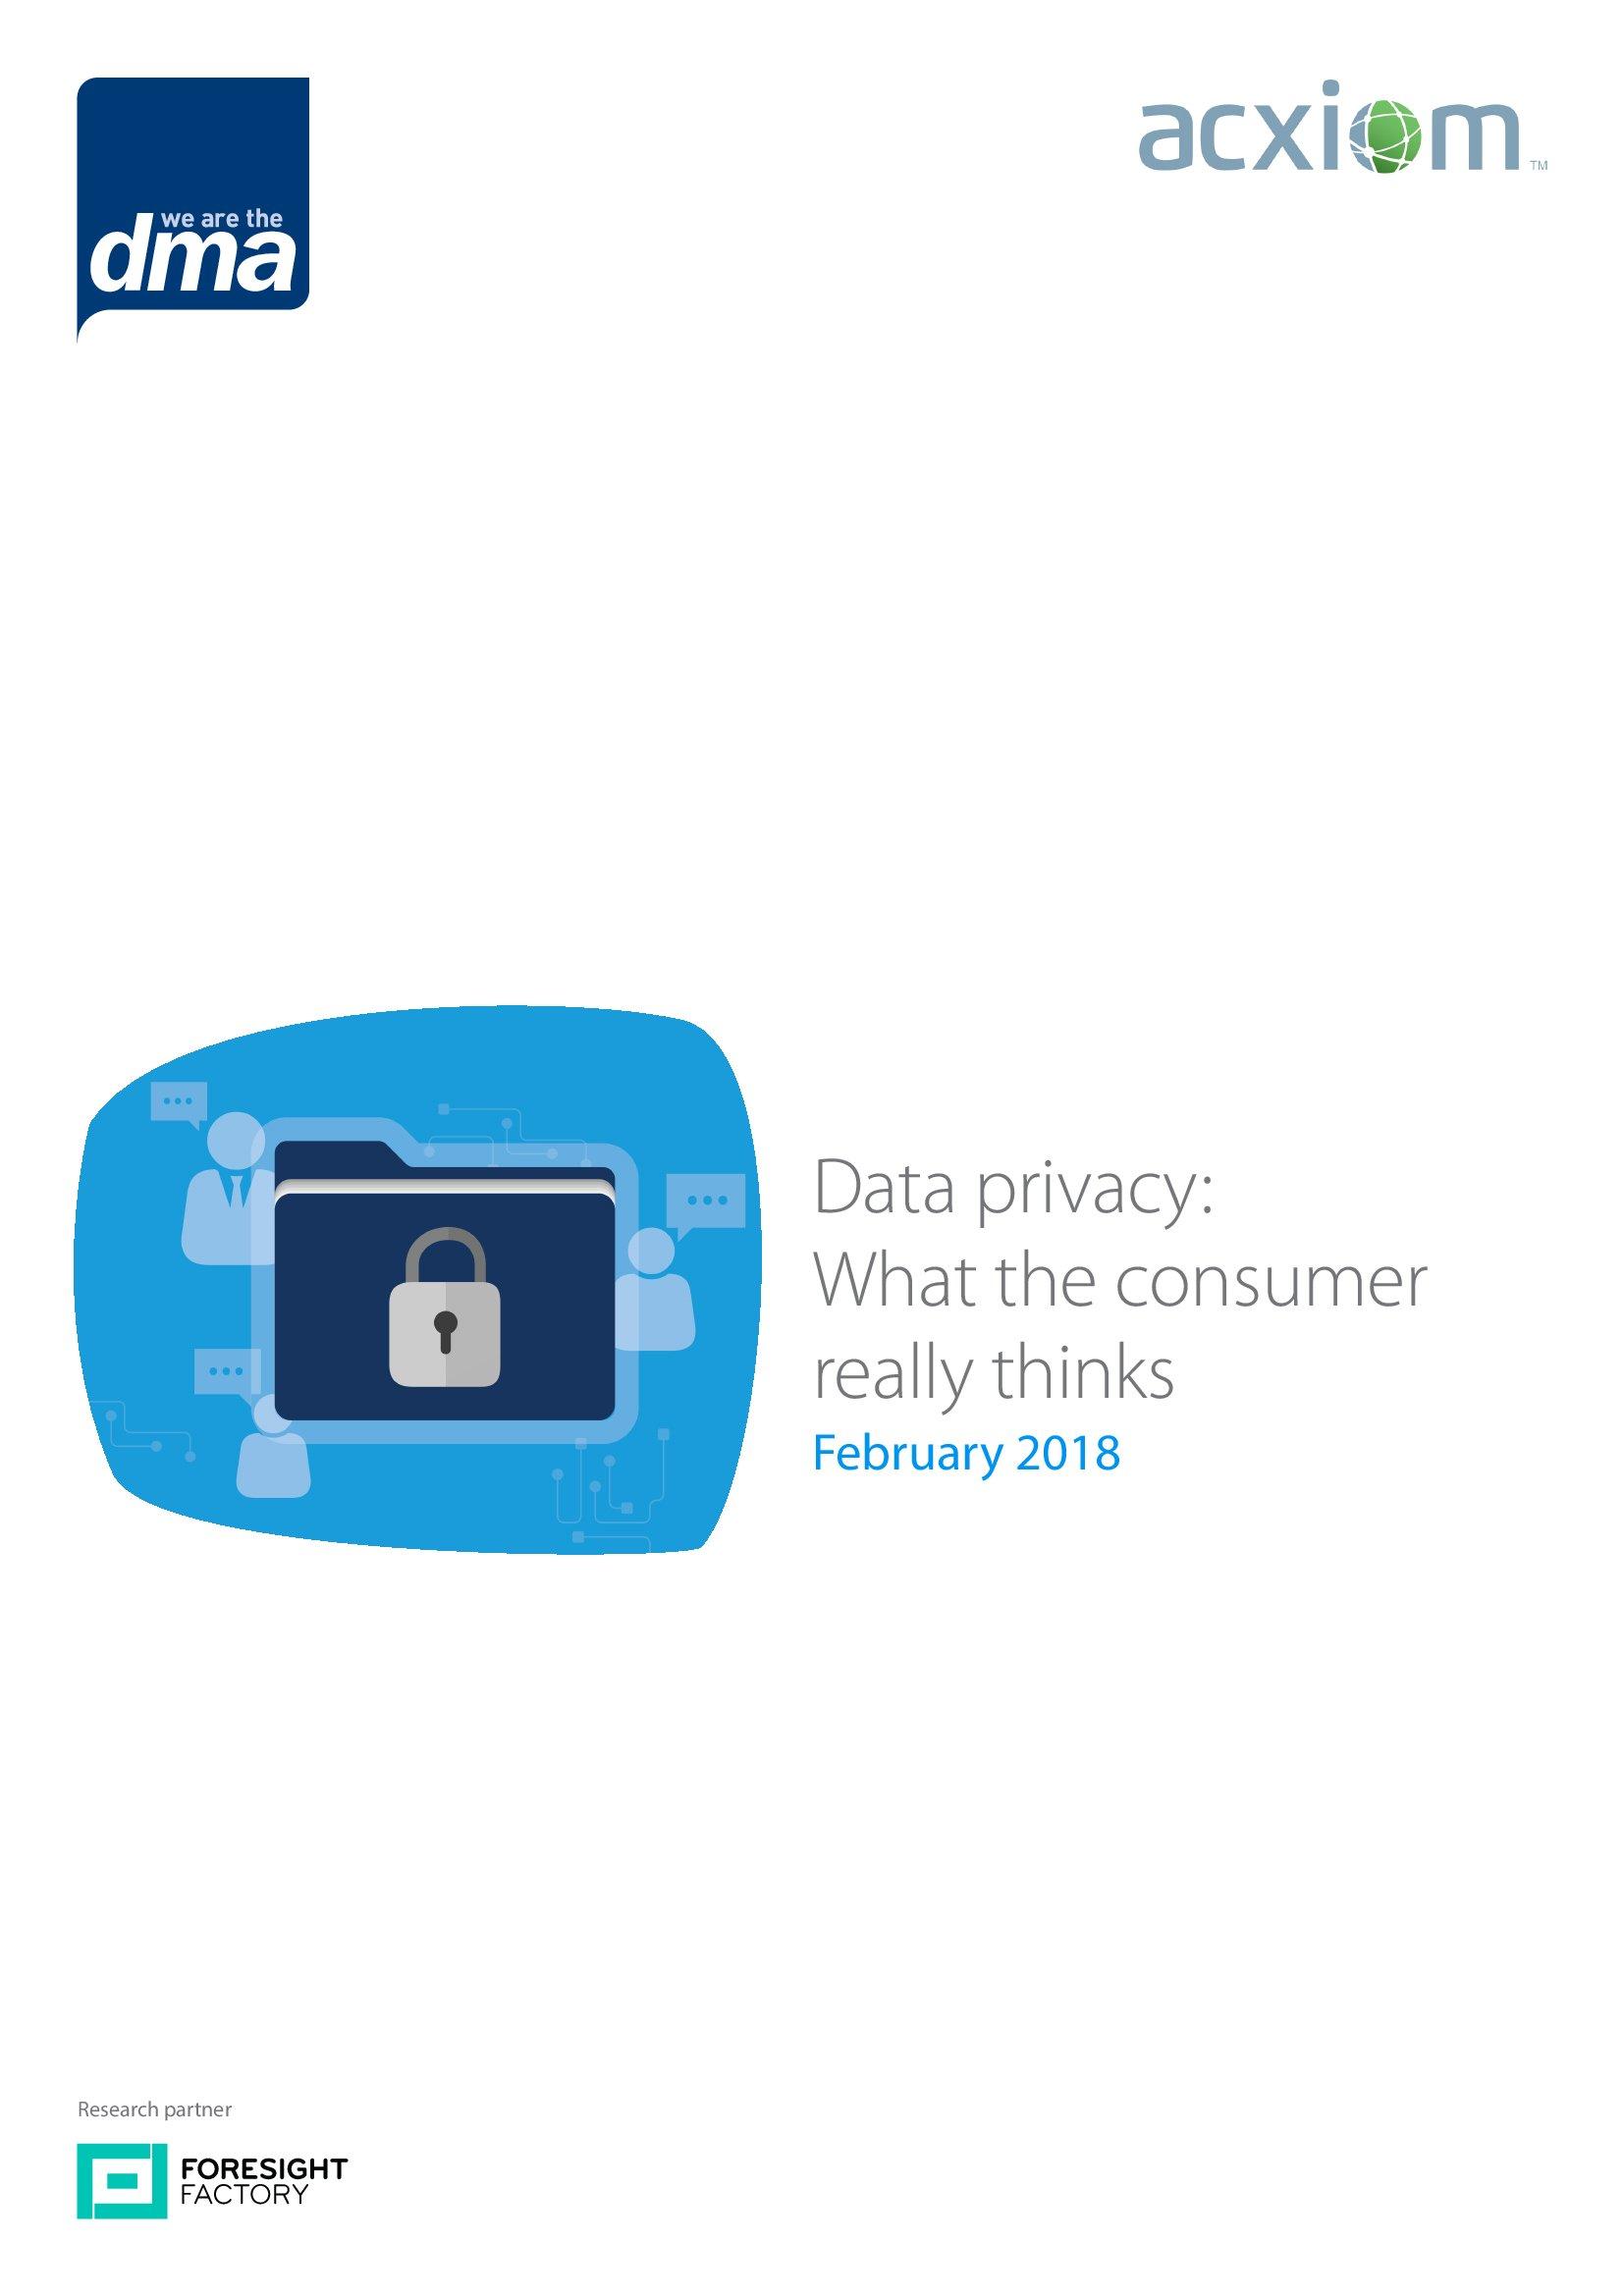 数据隐私报告:消费者真正的想法